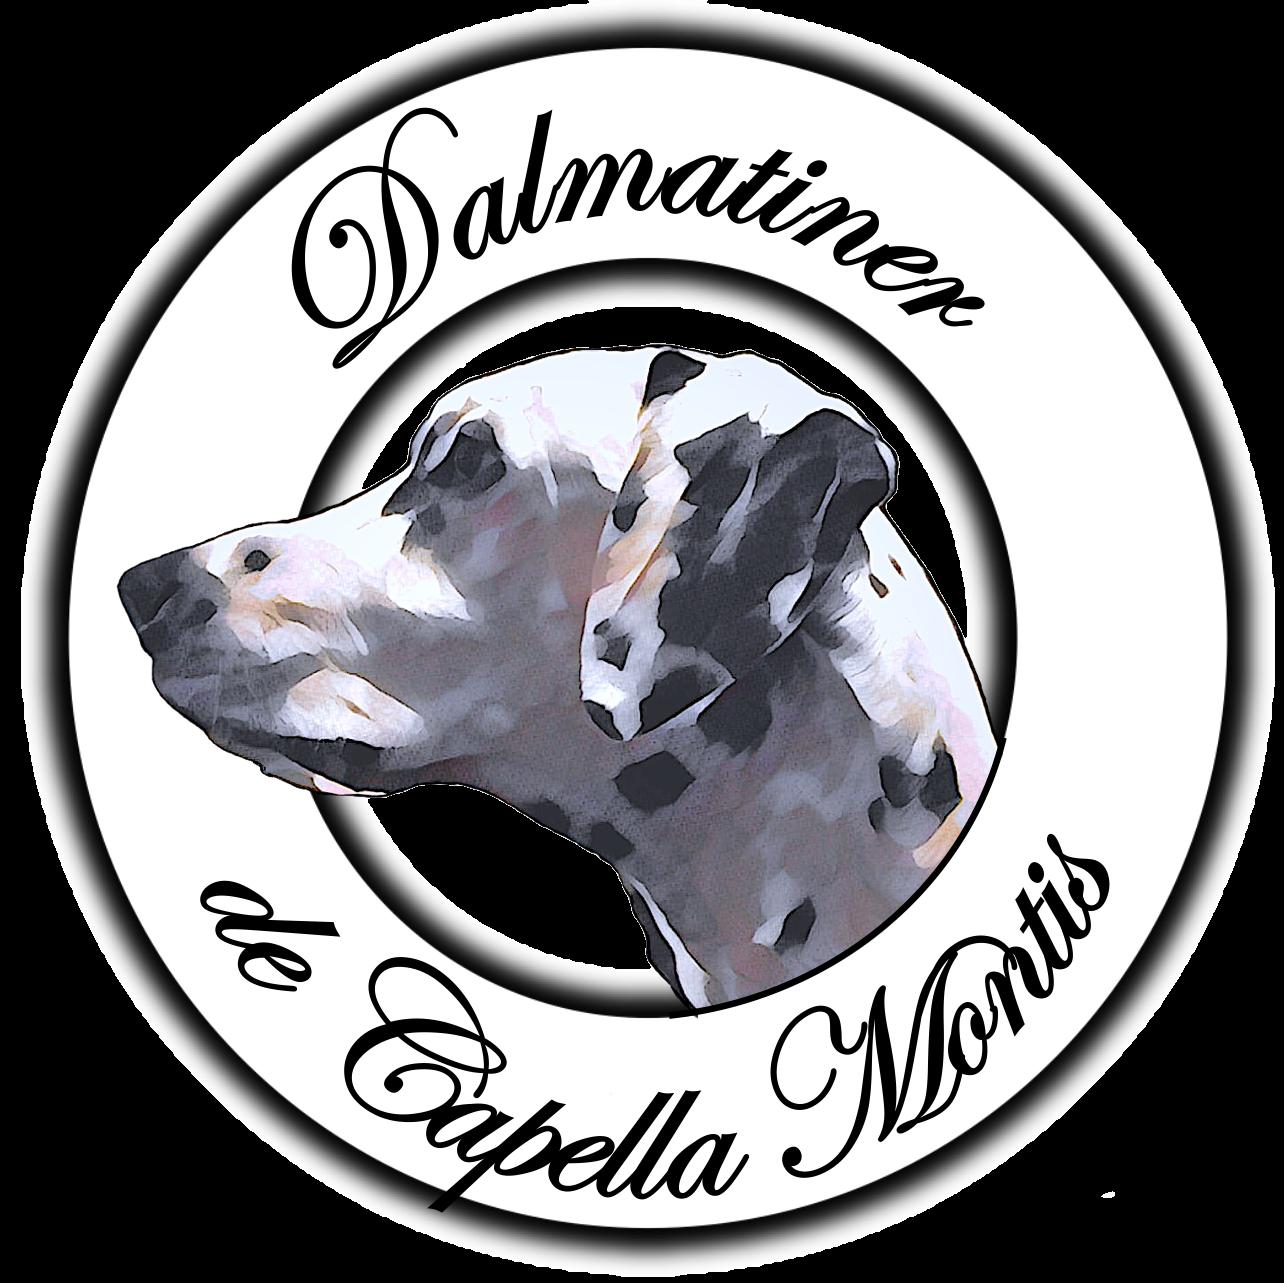 Dalmatian de Capella Montis